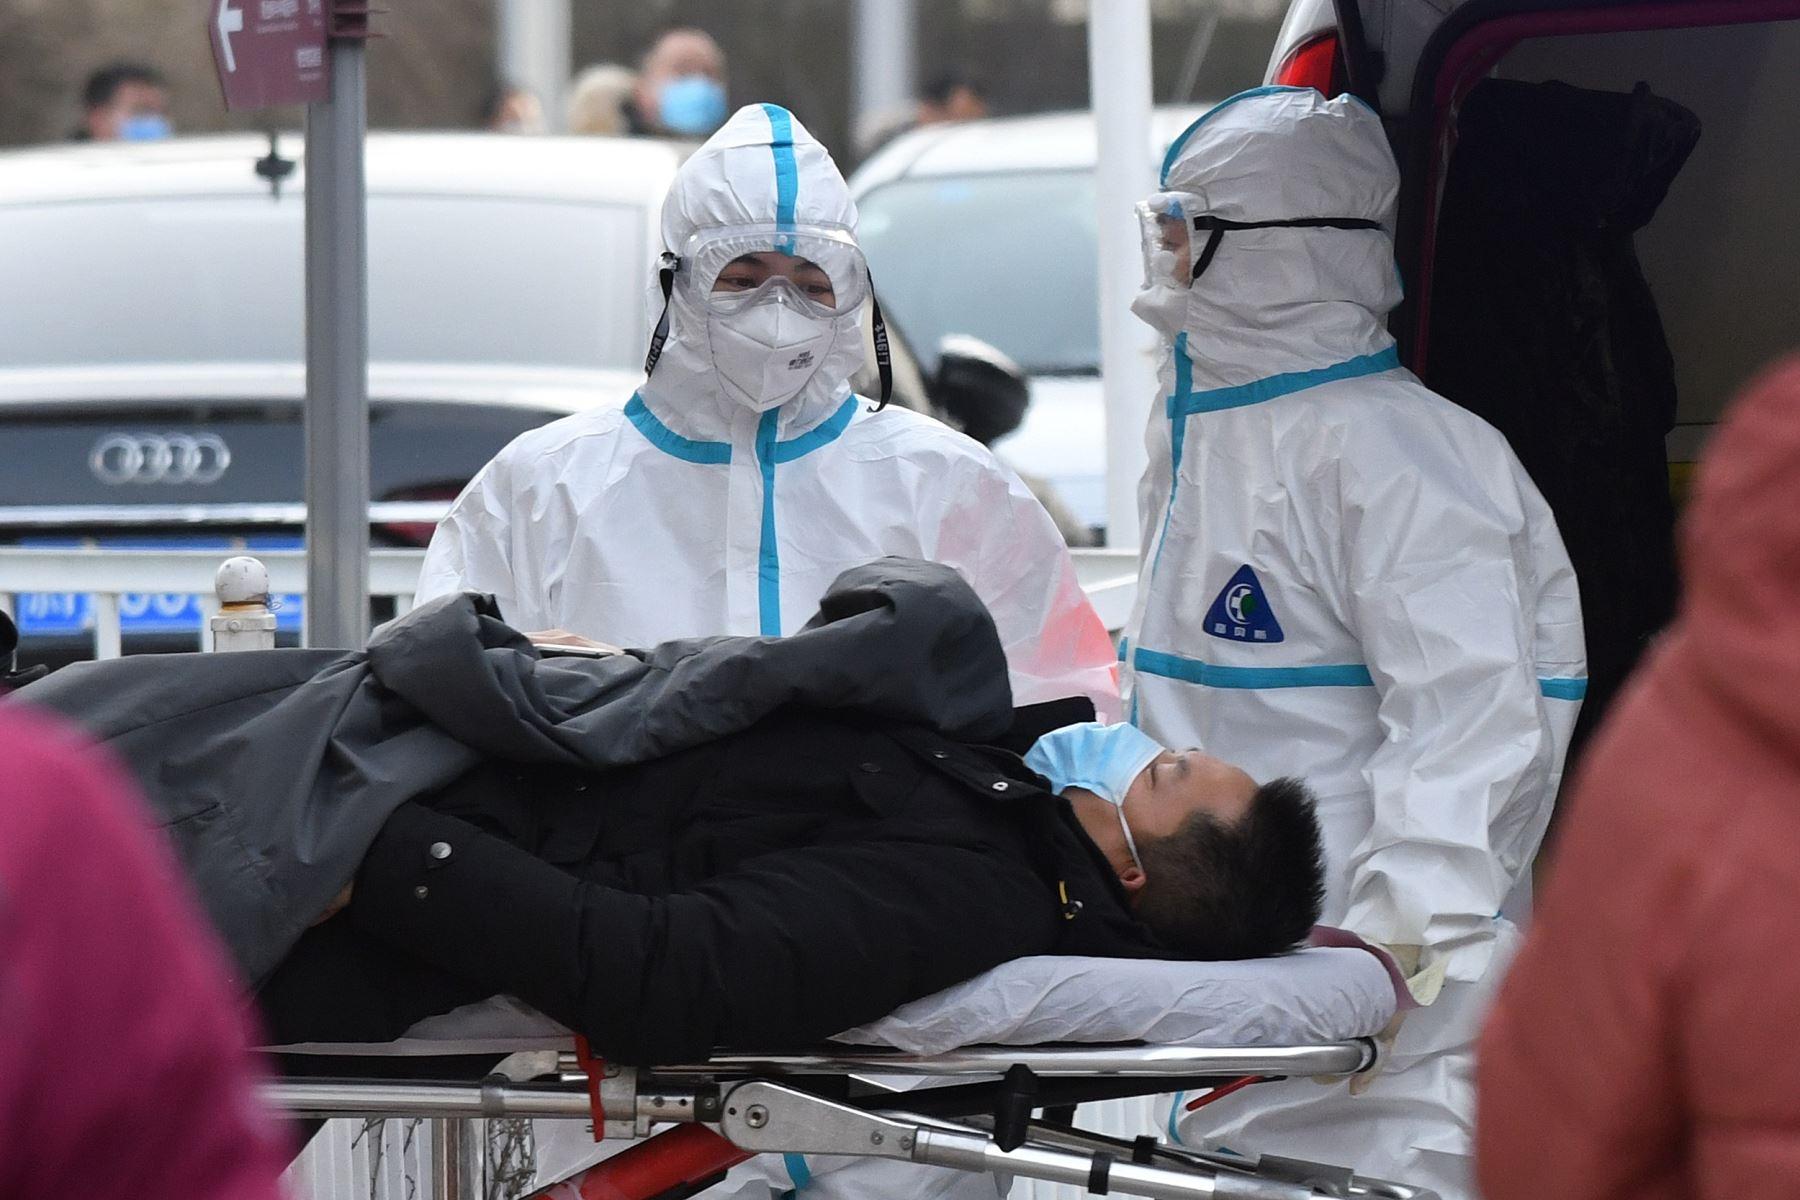 La Comisión Nacional de Salud no ofreció detalles sobre el fallecimiento de esta nueva víctima del coronavirus. Foto: AFP